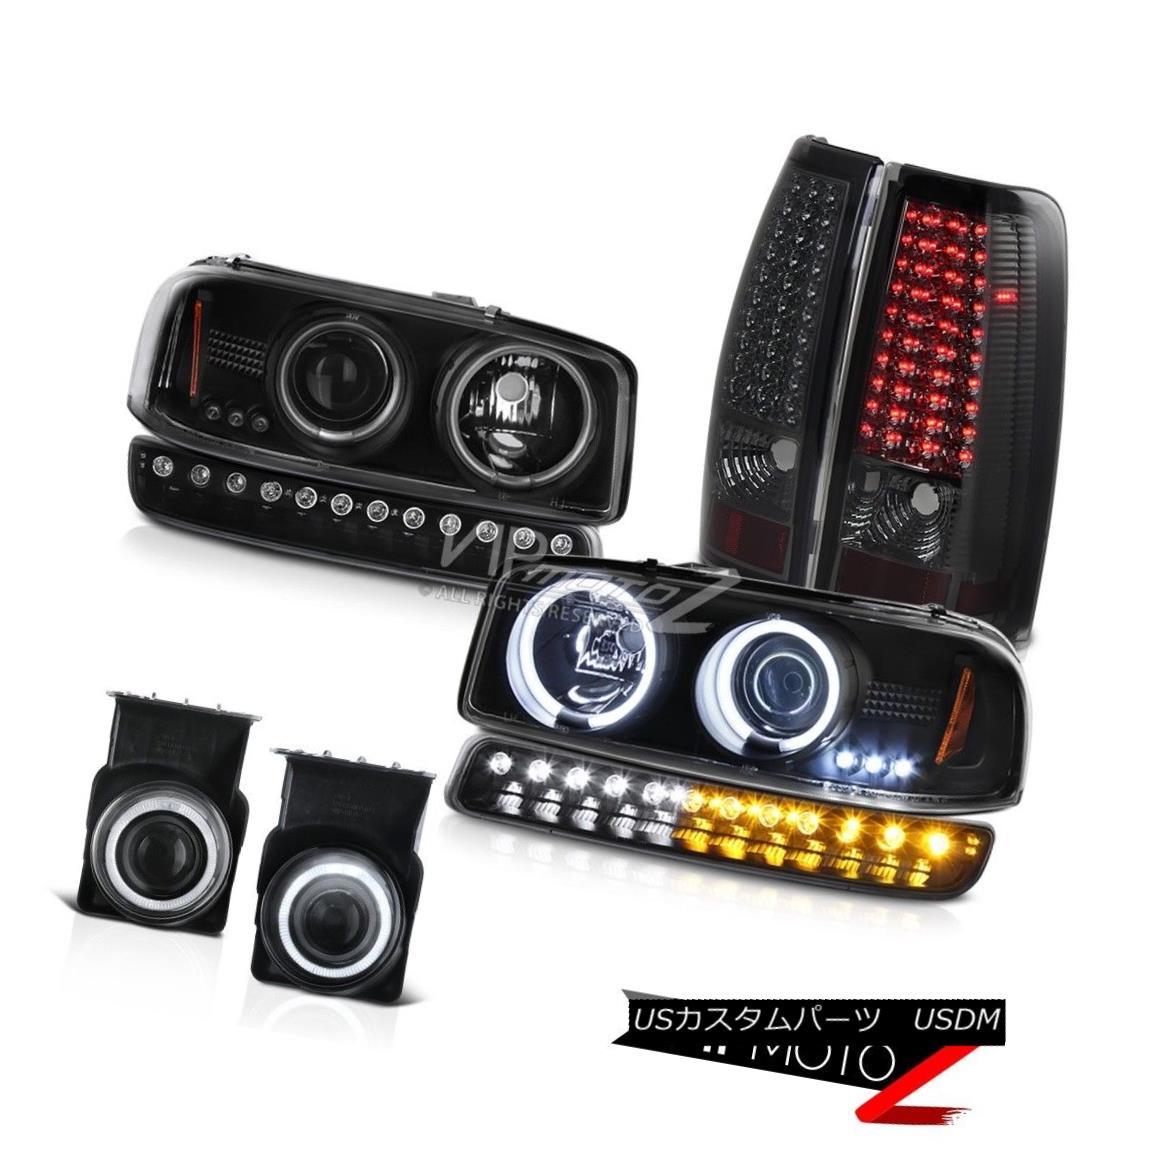 ヘッドライト 2003-2006 Sierra GMT800 Foglights led taillamps signal light ccfl headlamps LED 2003-2006シエラGMT800フォグライトはテールランプ信号ライトccflヘッドライトLEDを導いた